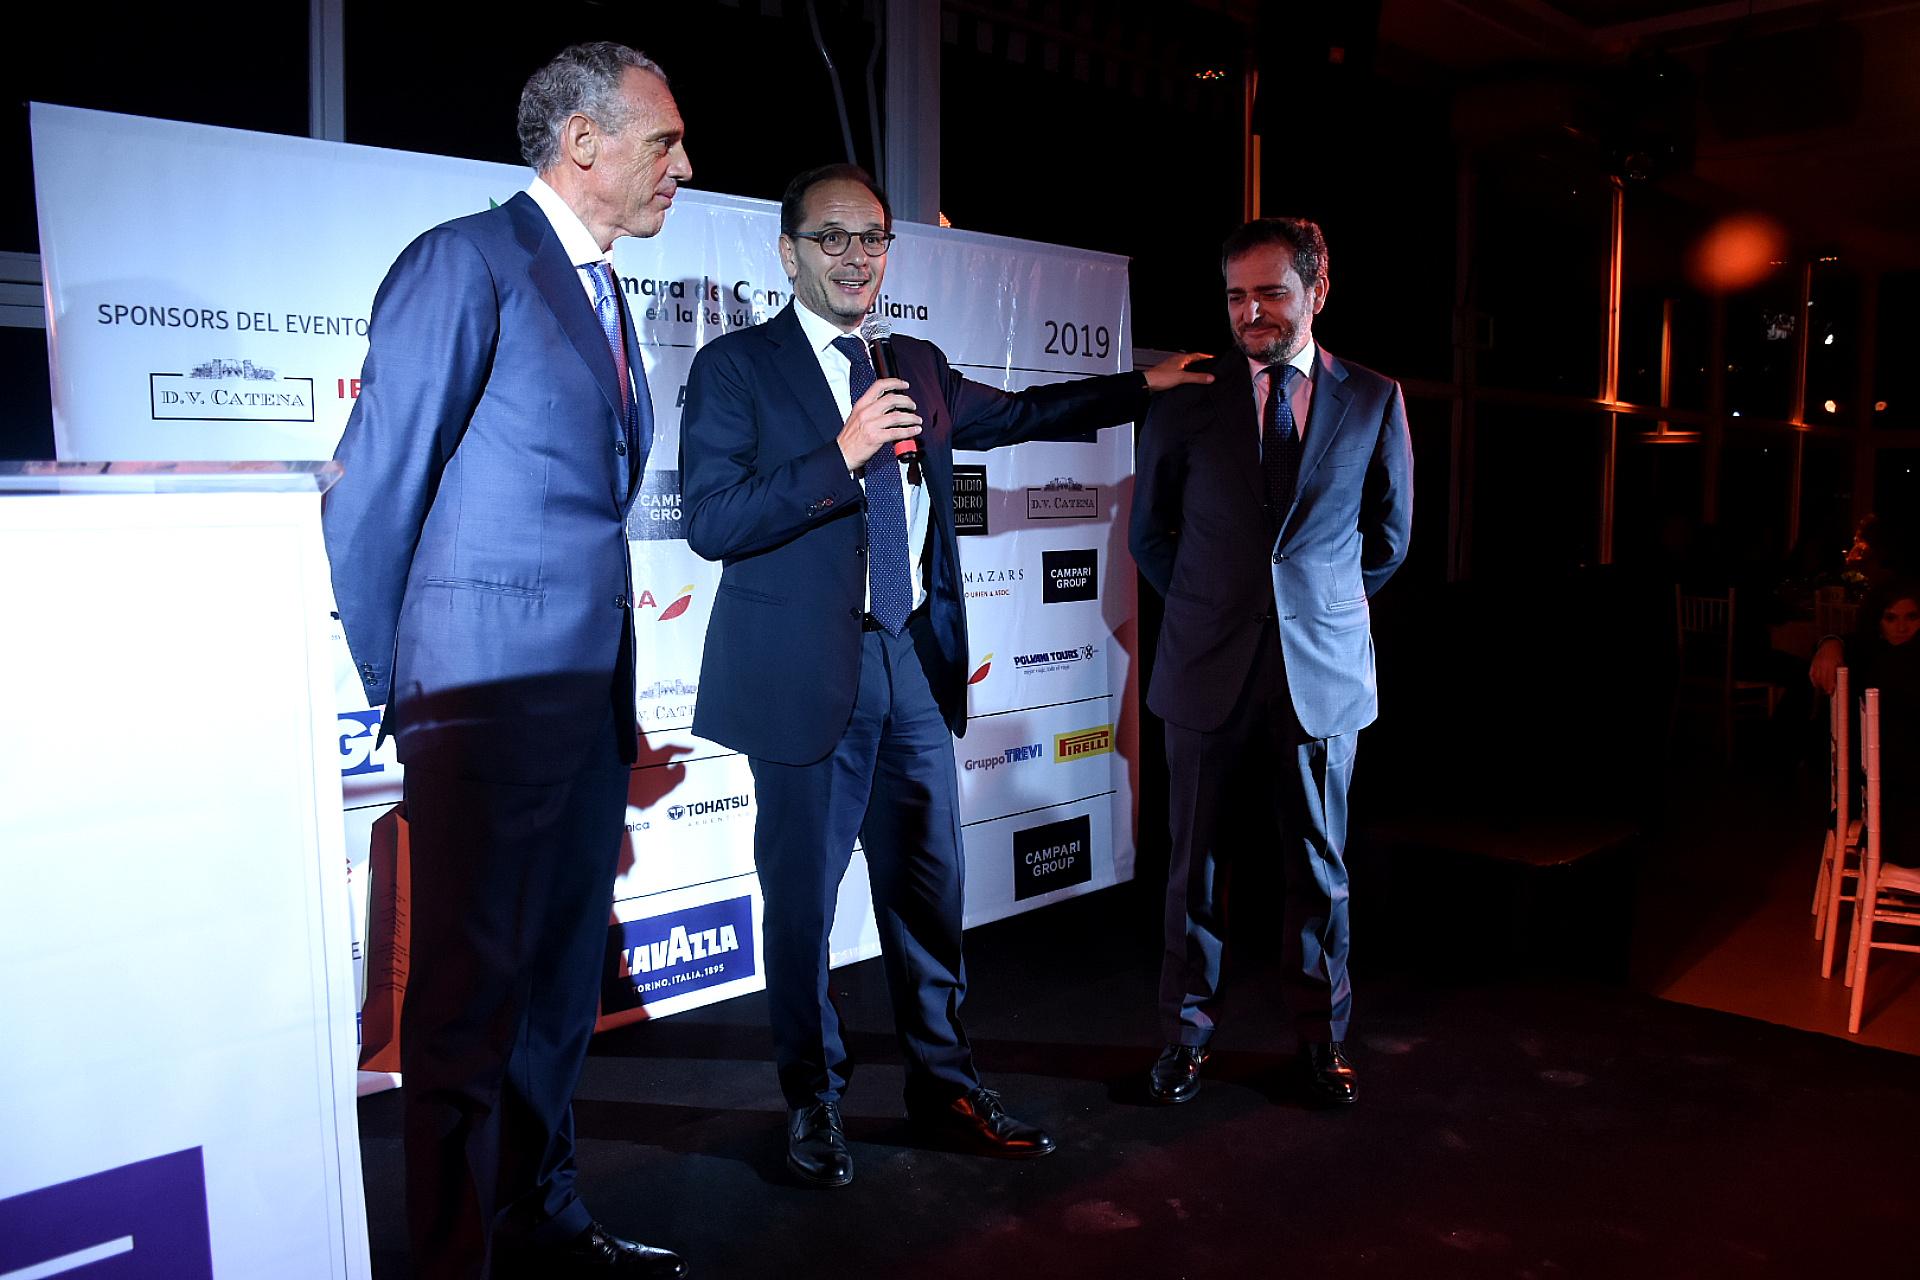 Durante la cena, también se realizó la despedida a Riccardo Smimmo, cónsul general de Italia en la Argentina